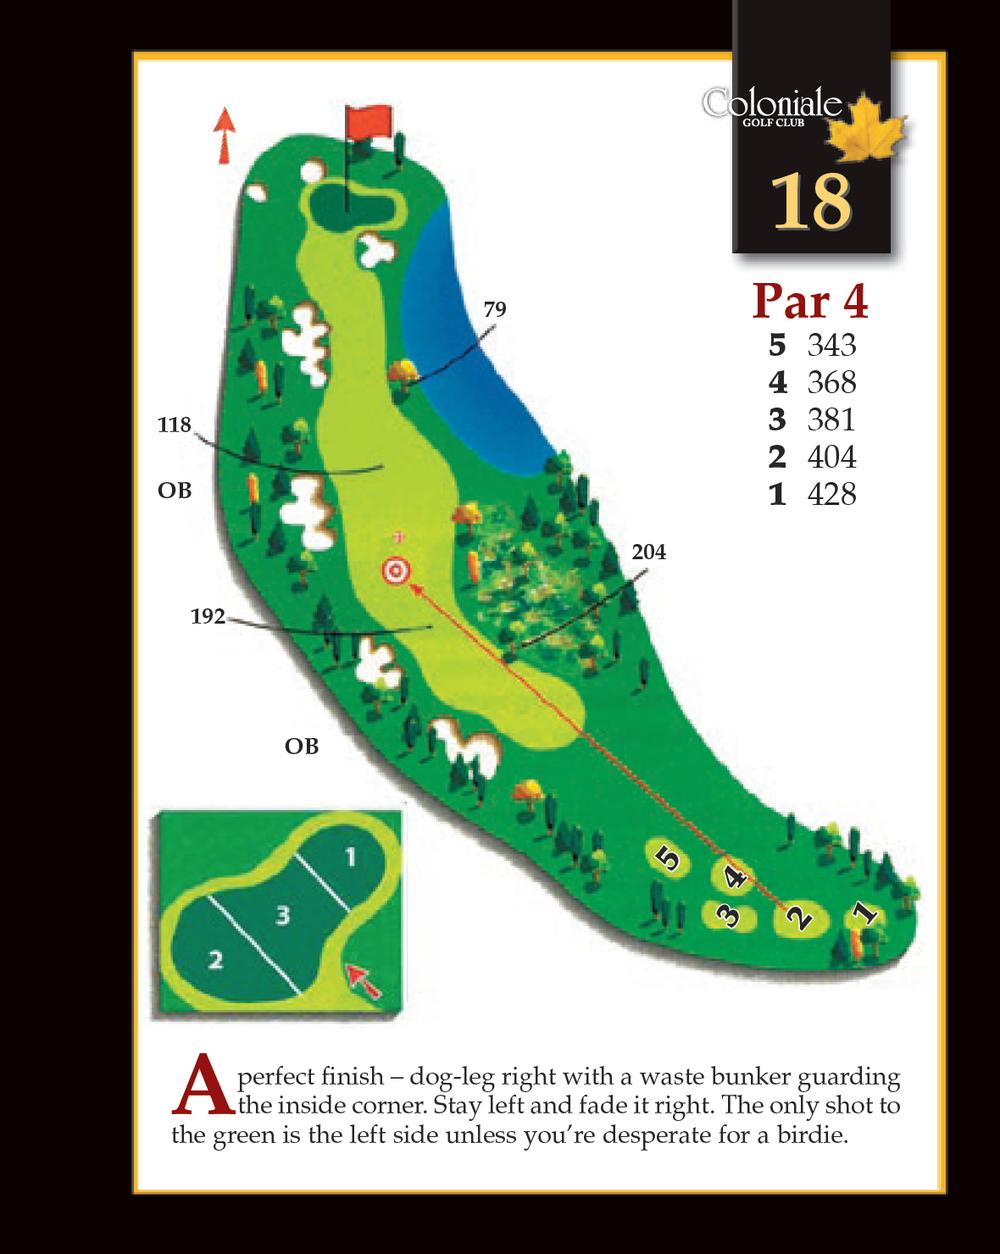 Coloniale Golf Scorecard Edmonton Beaumont - Hole 18